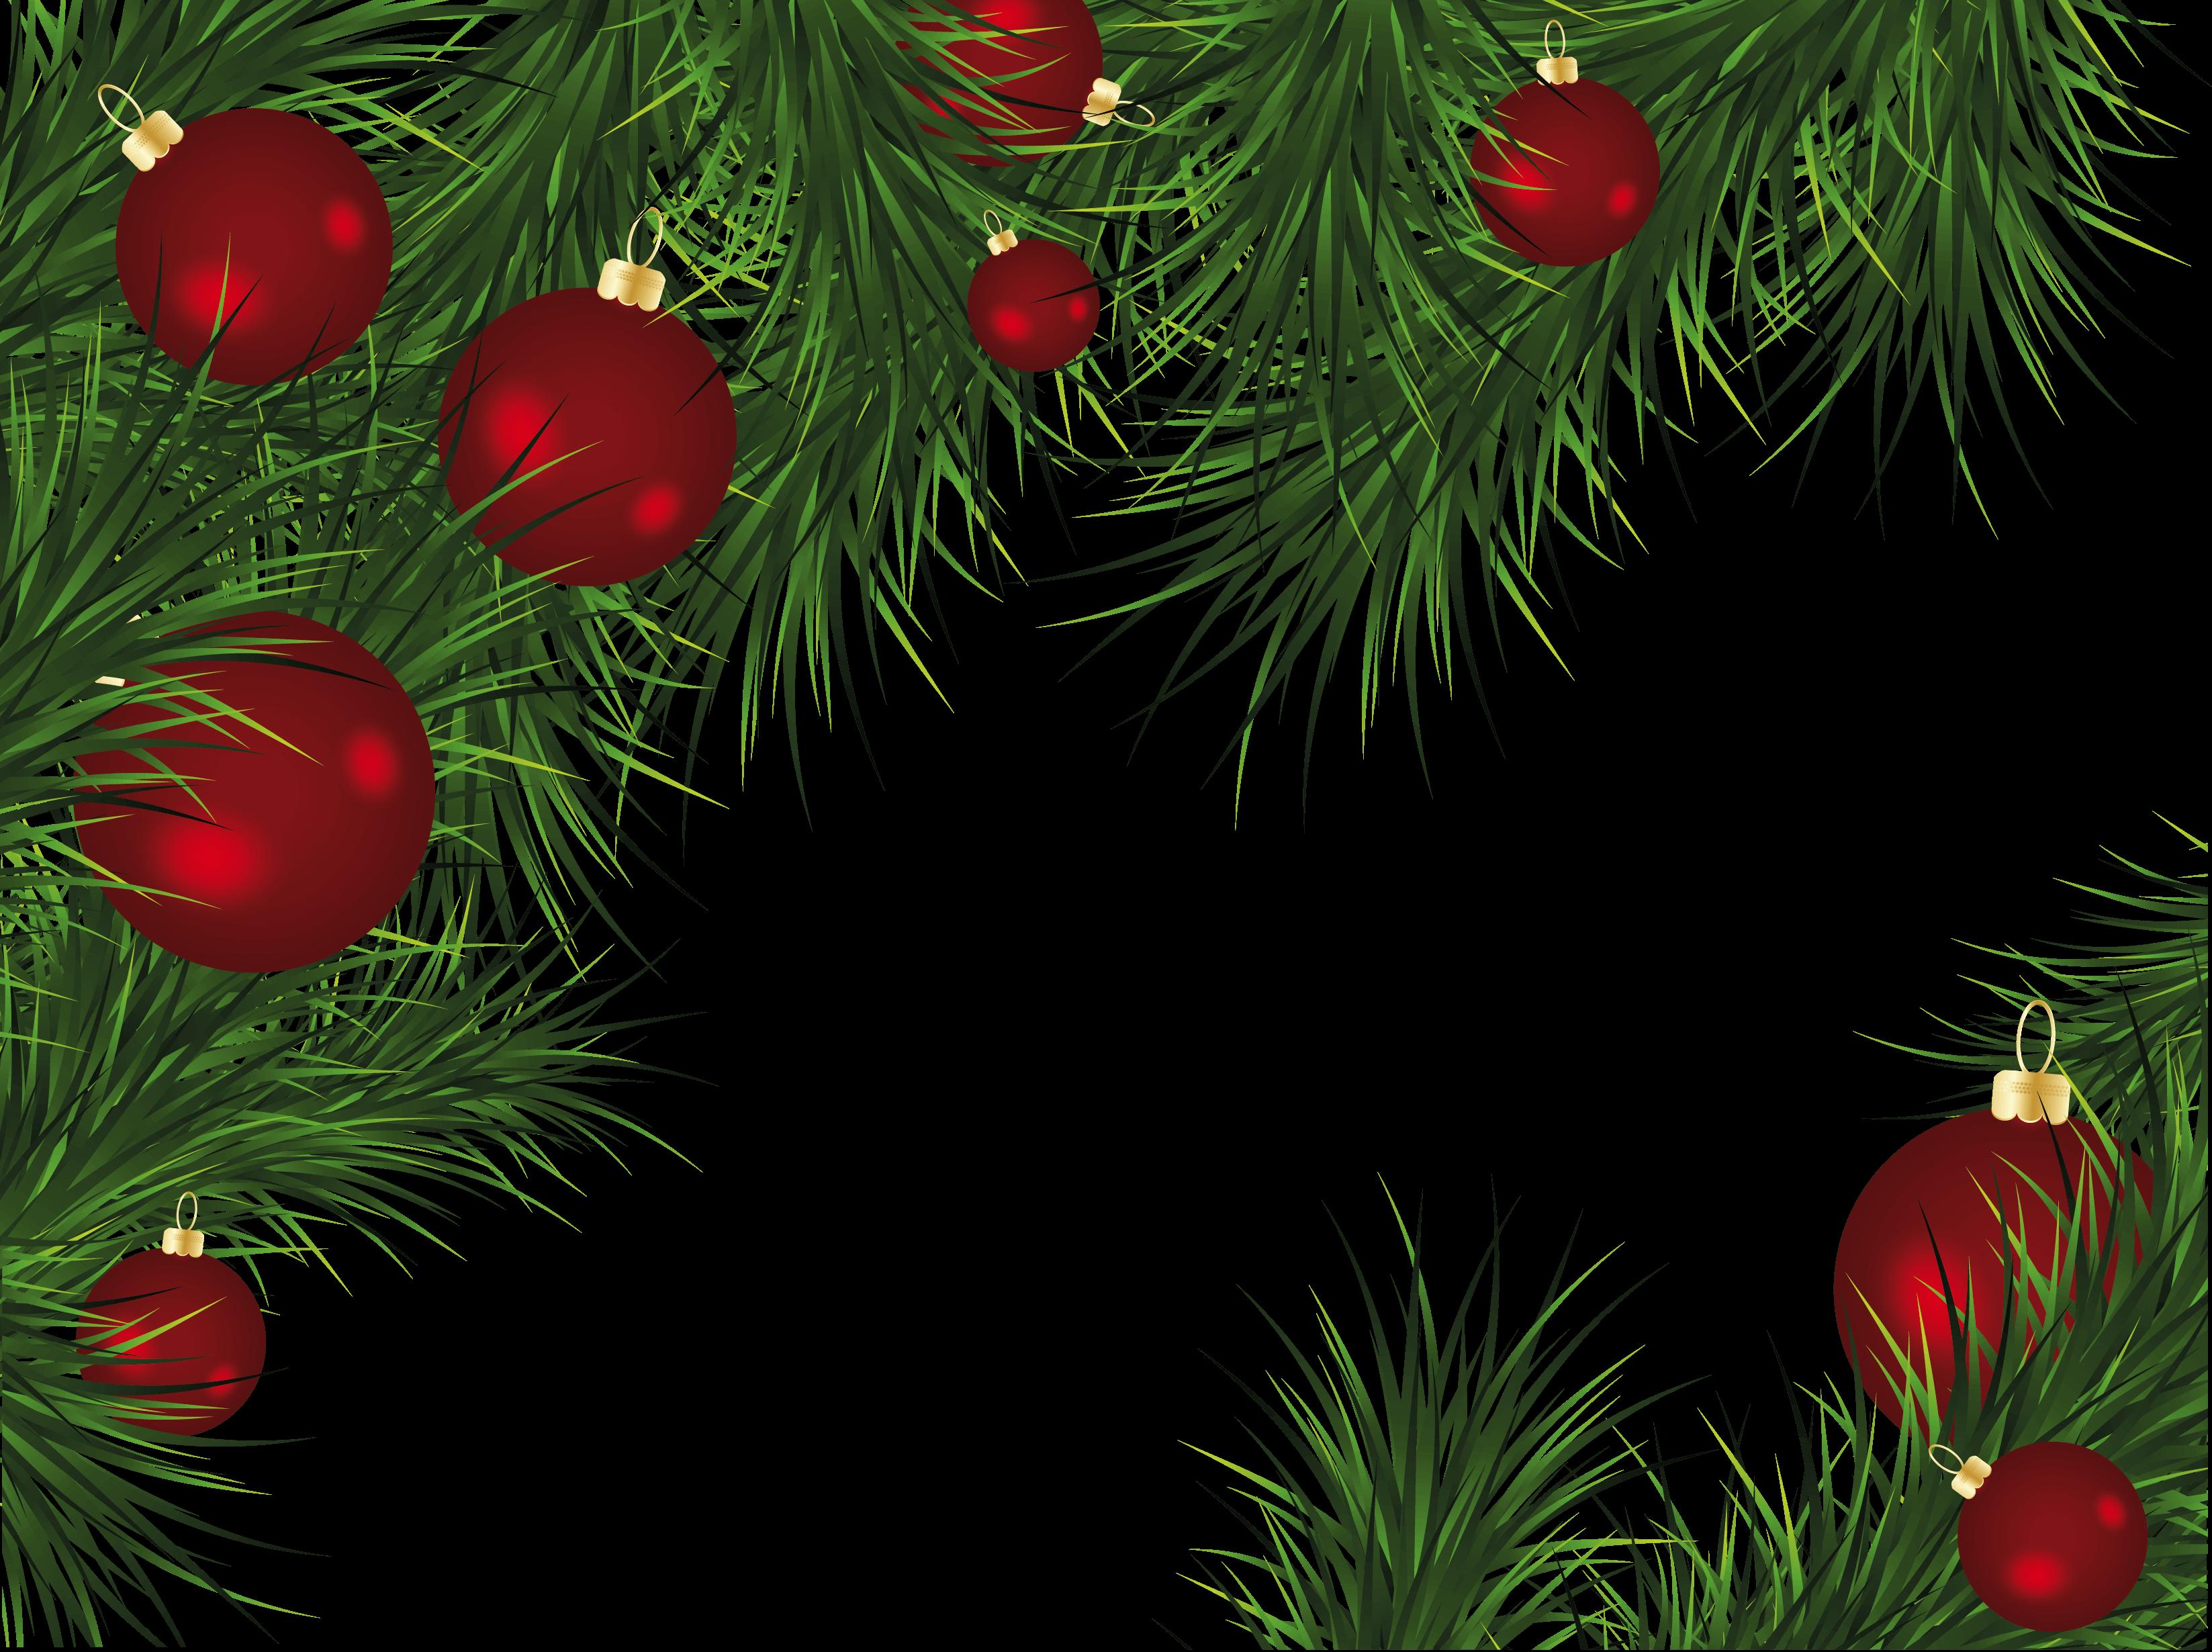 Christmas Trees Png.Christmas Fir Tree Png Image